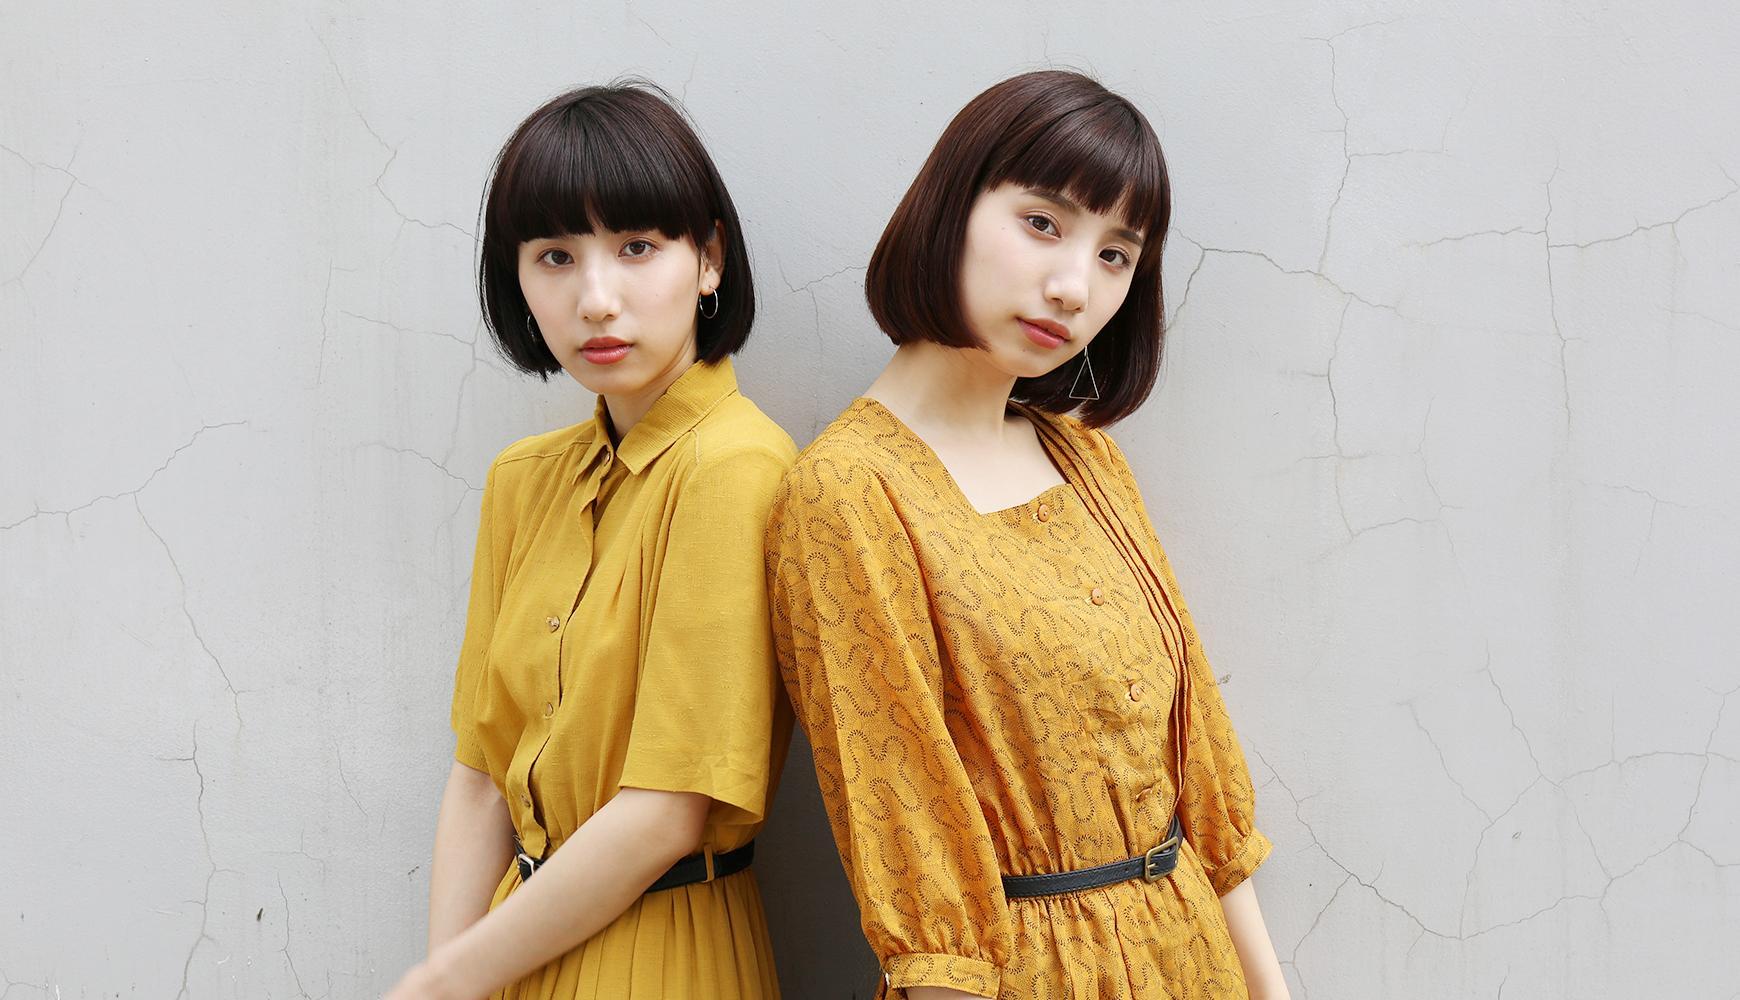 えまえりの双子コーデSNAP! 流行りの双子コーデは本物の双子に学ぶ!!